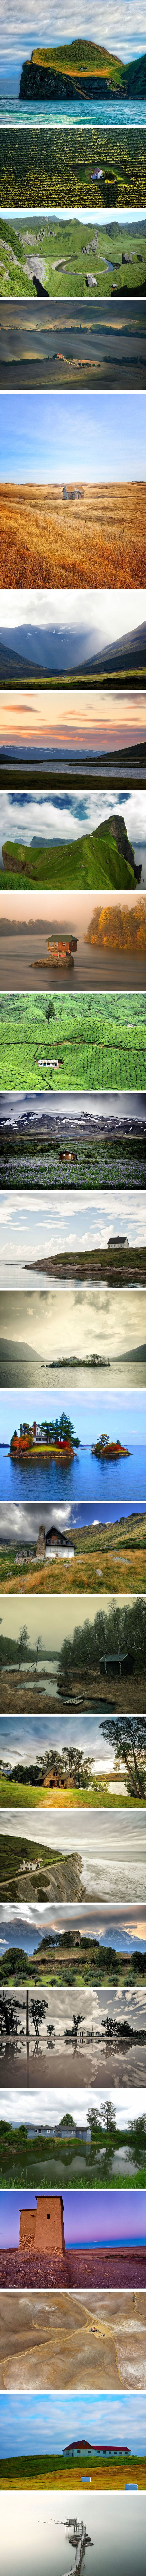 фотоподборка, фото дома на природе, фото домов, лес, горы, озеро, над вечным покоем